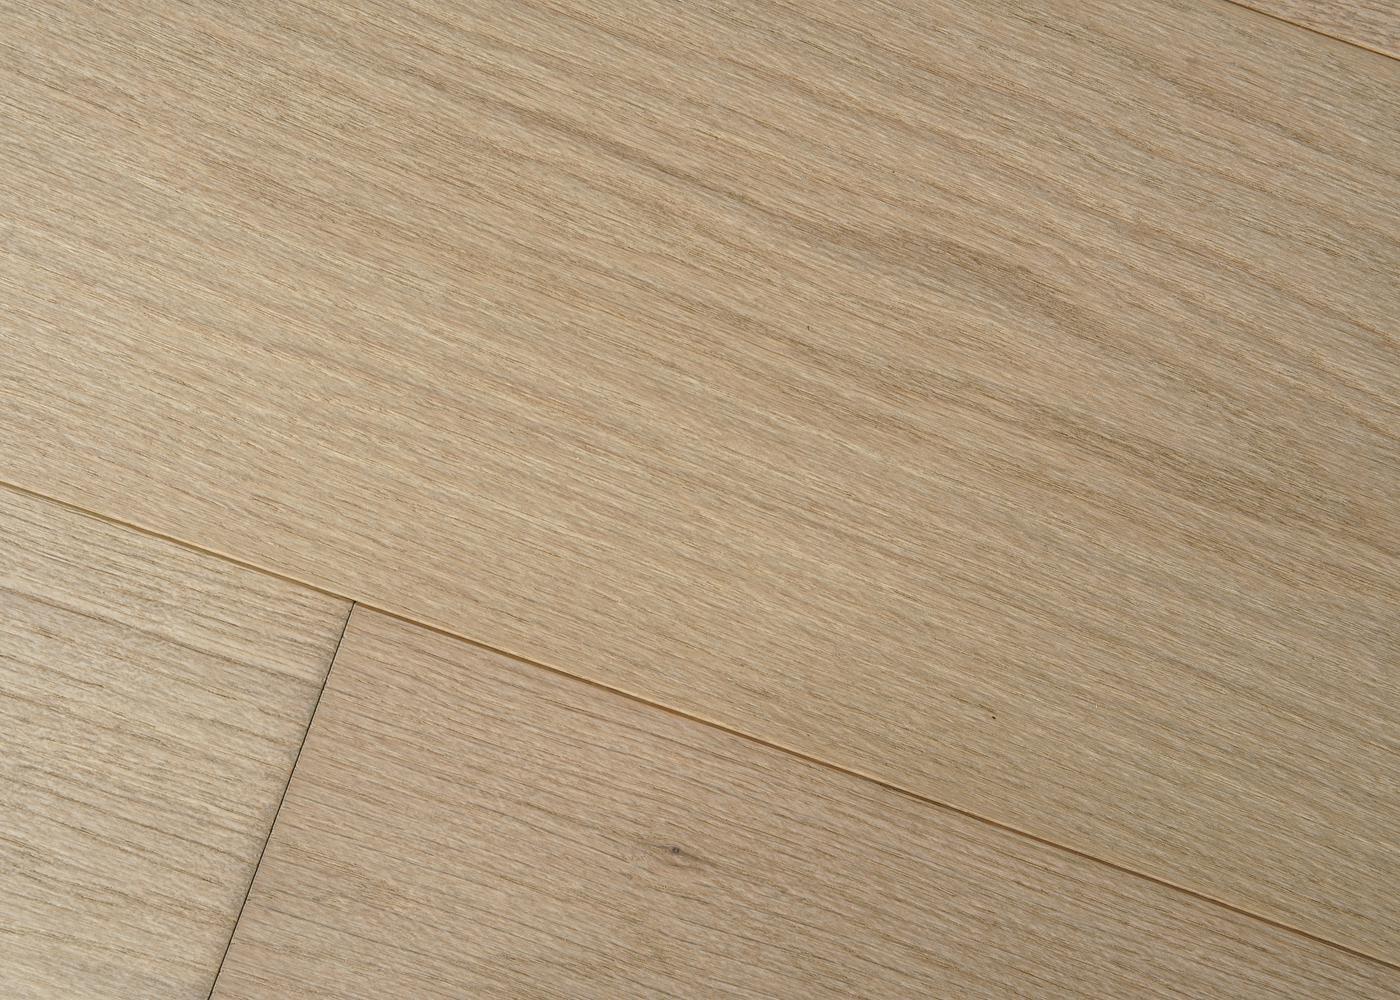 Parquet chêne contrecollé VARENNE brossé huile UV Select support HDF 10x92x1420